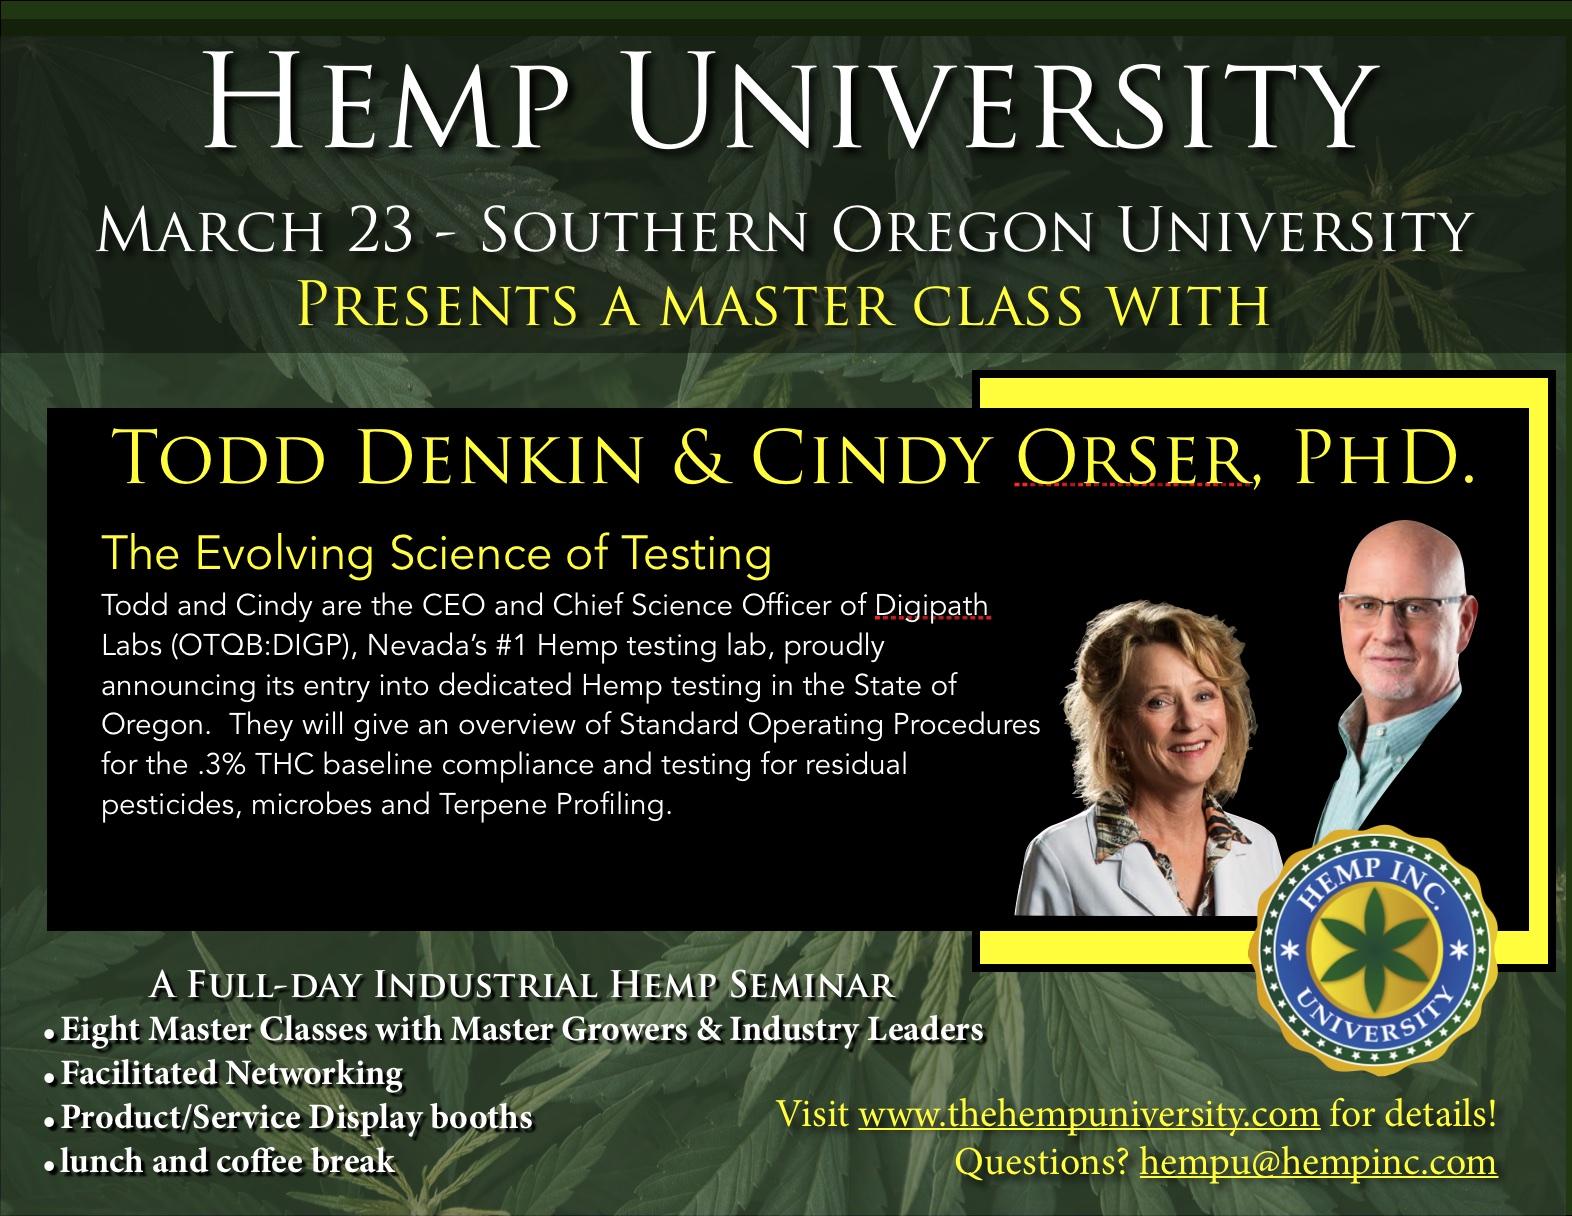 Todd Denkin & Cindy Orser